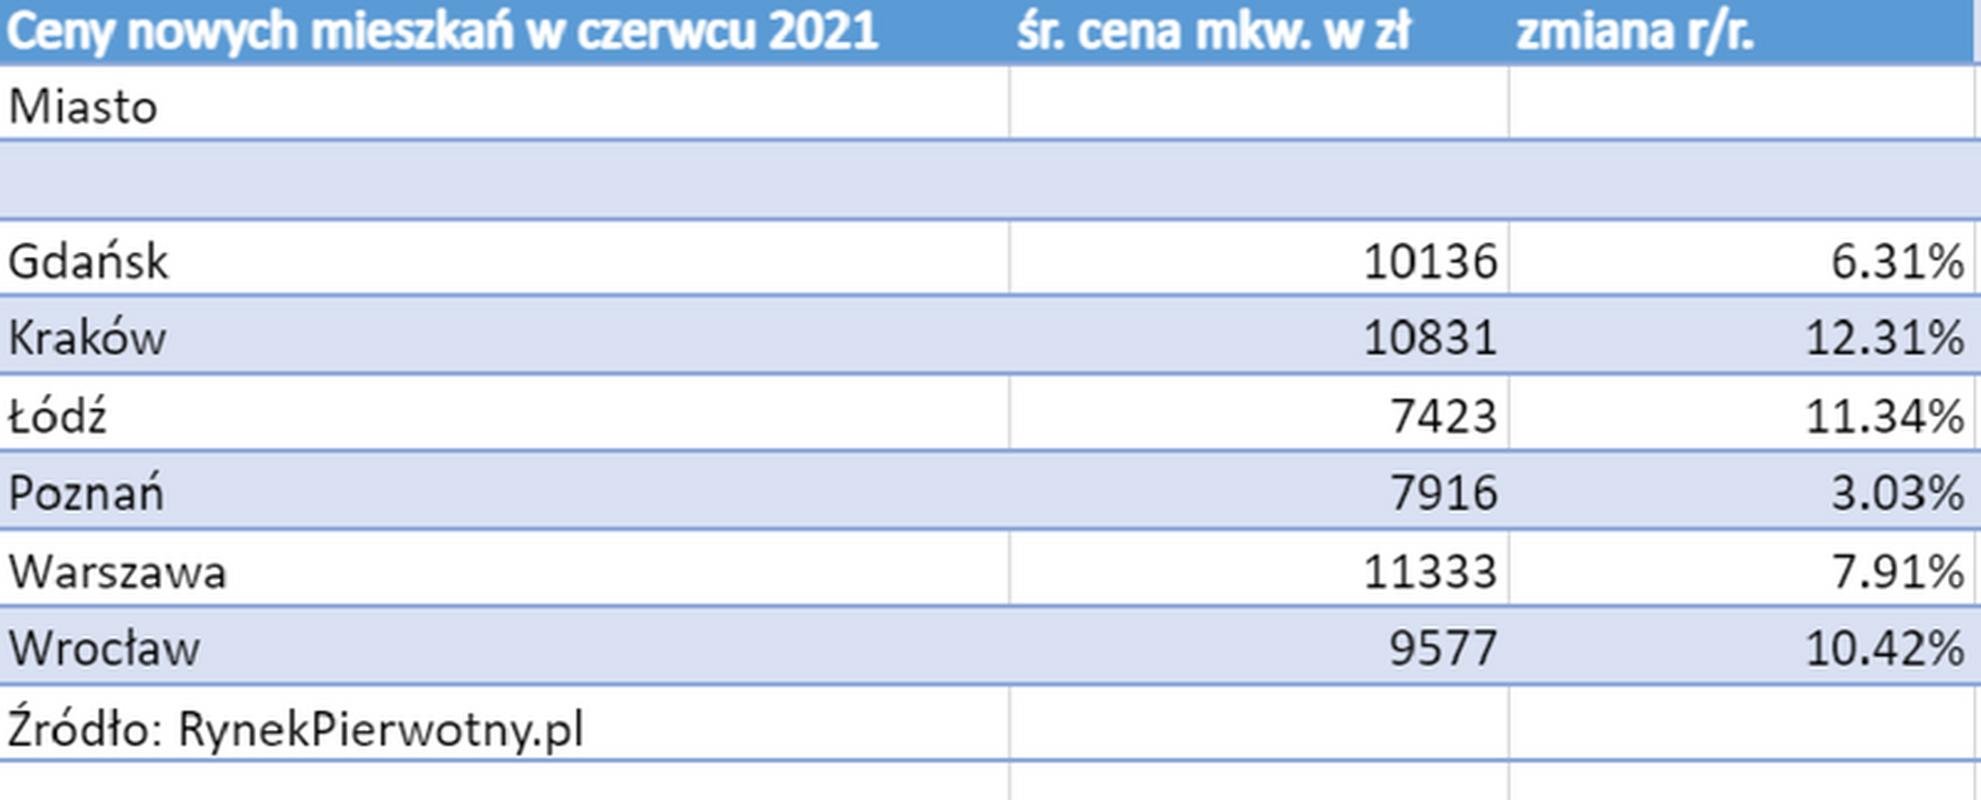 Ceny nowych mieszkań 2021 r.